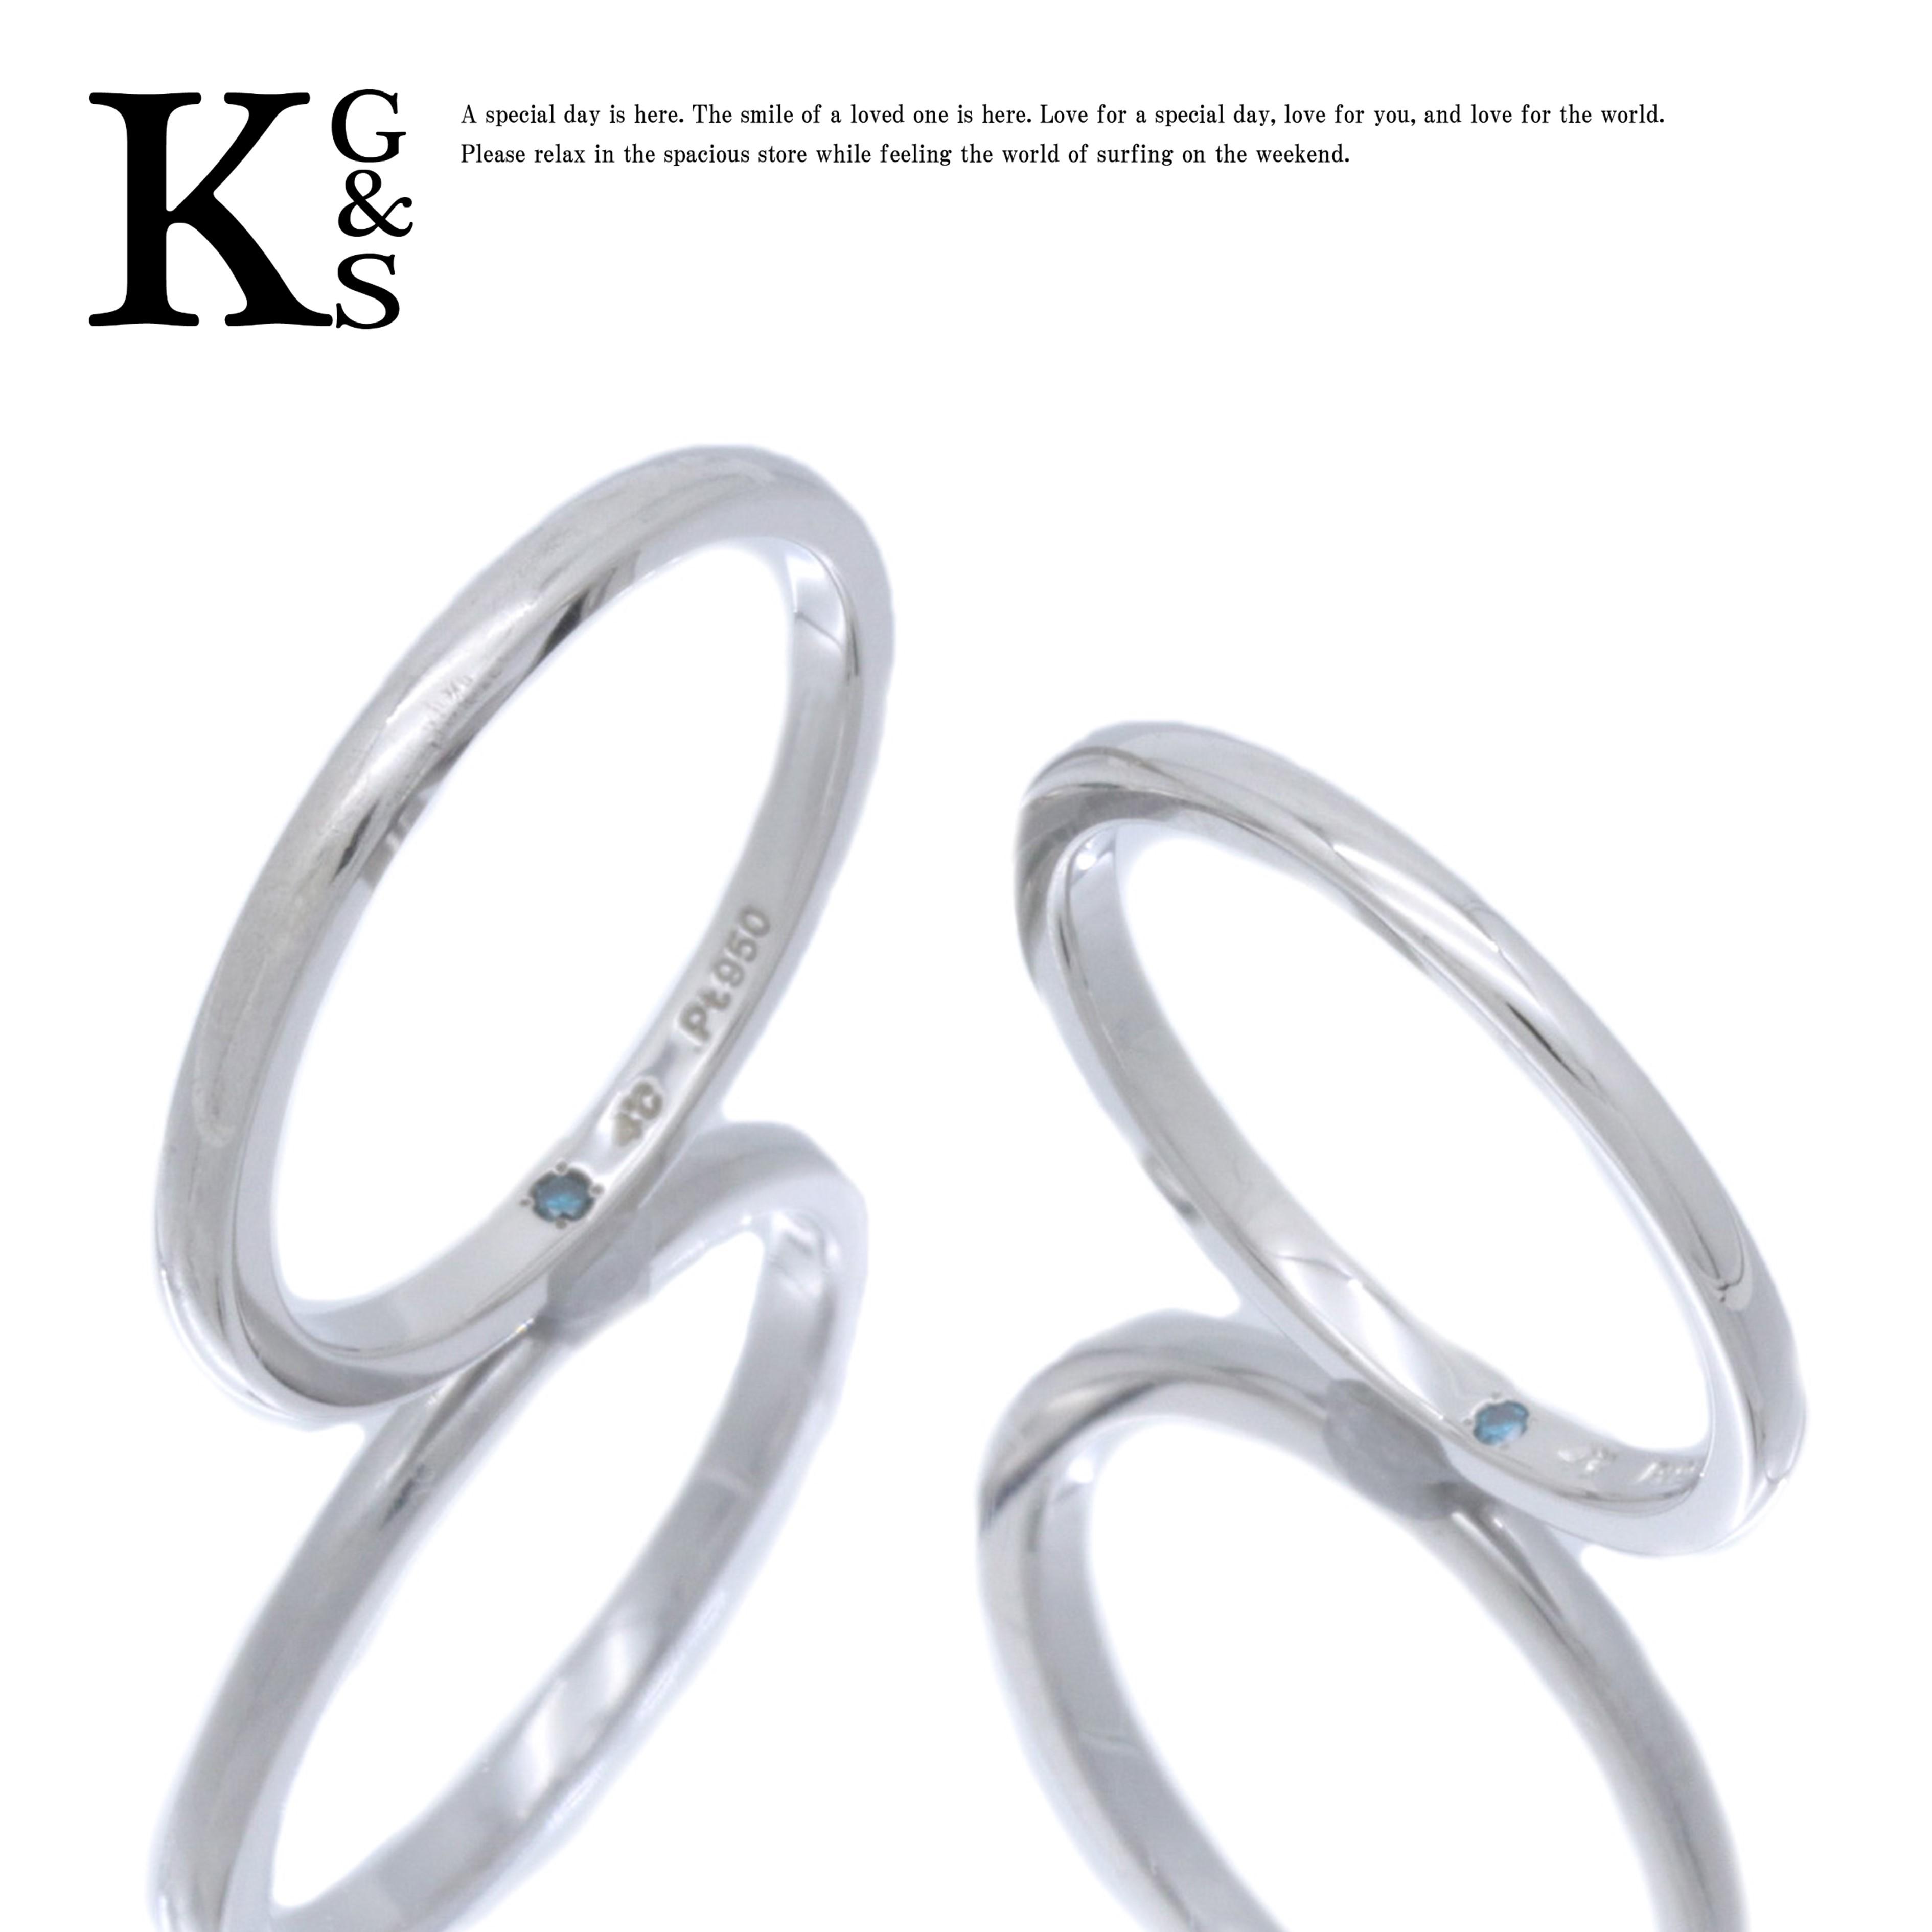 【ギフトランク】ヨンドシー/4°C ジュエリー ジュエリー ペアリング マリッジリング プラチナ Pt950 結婚指輪